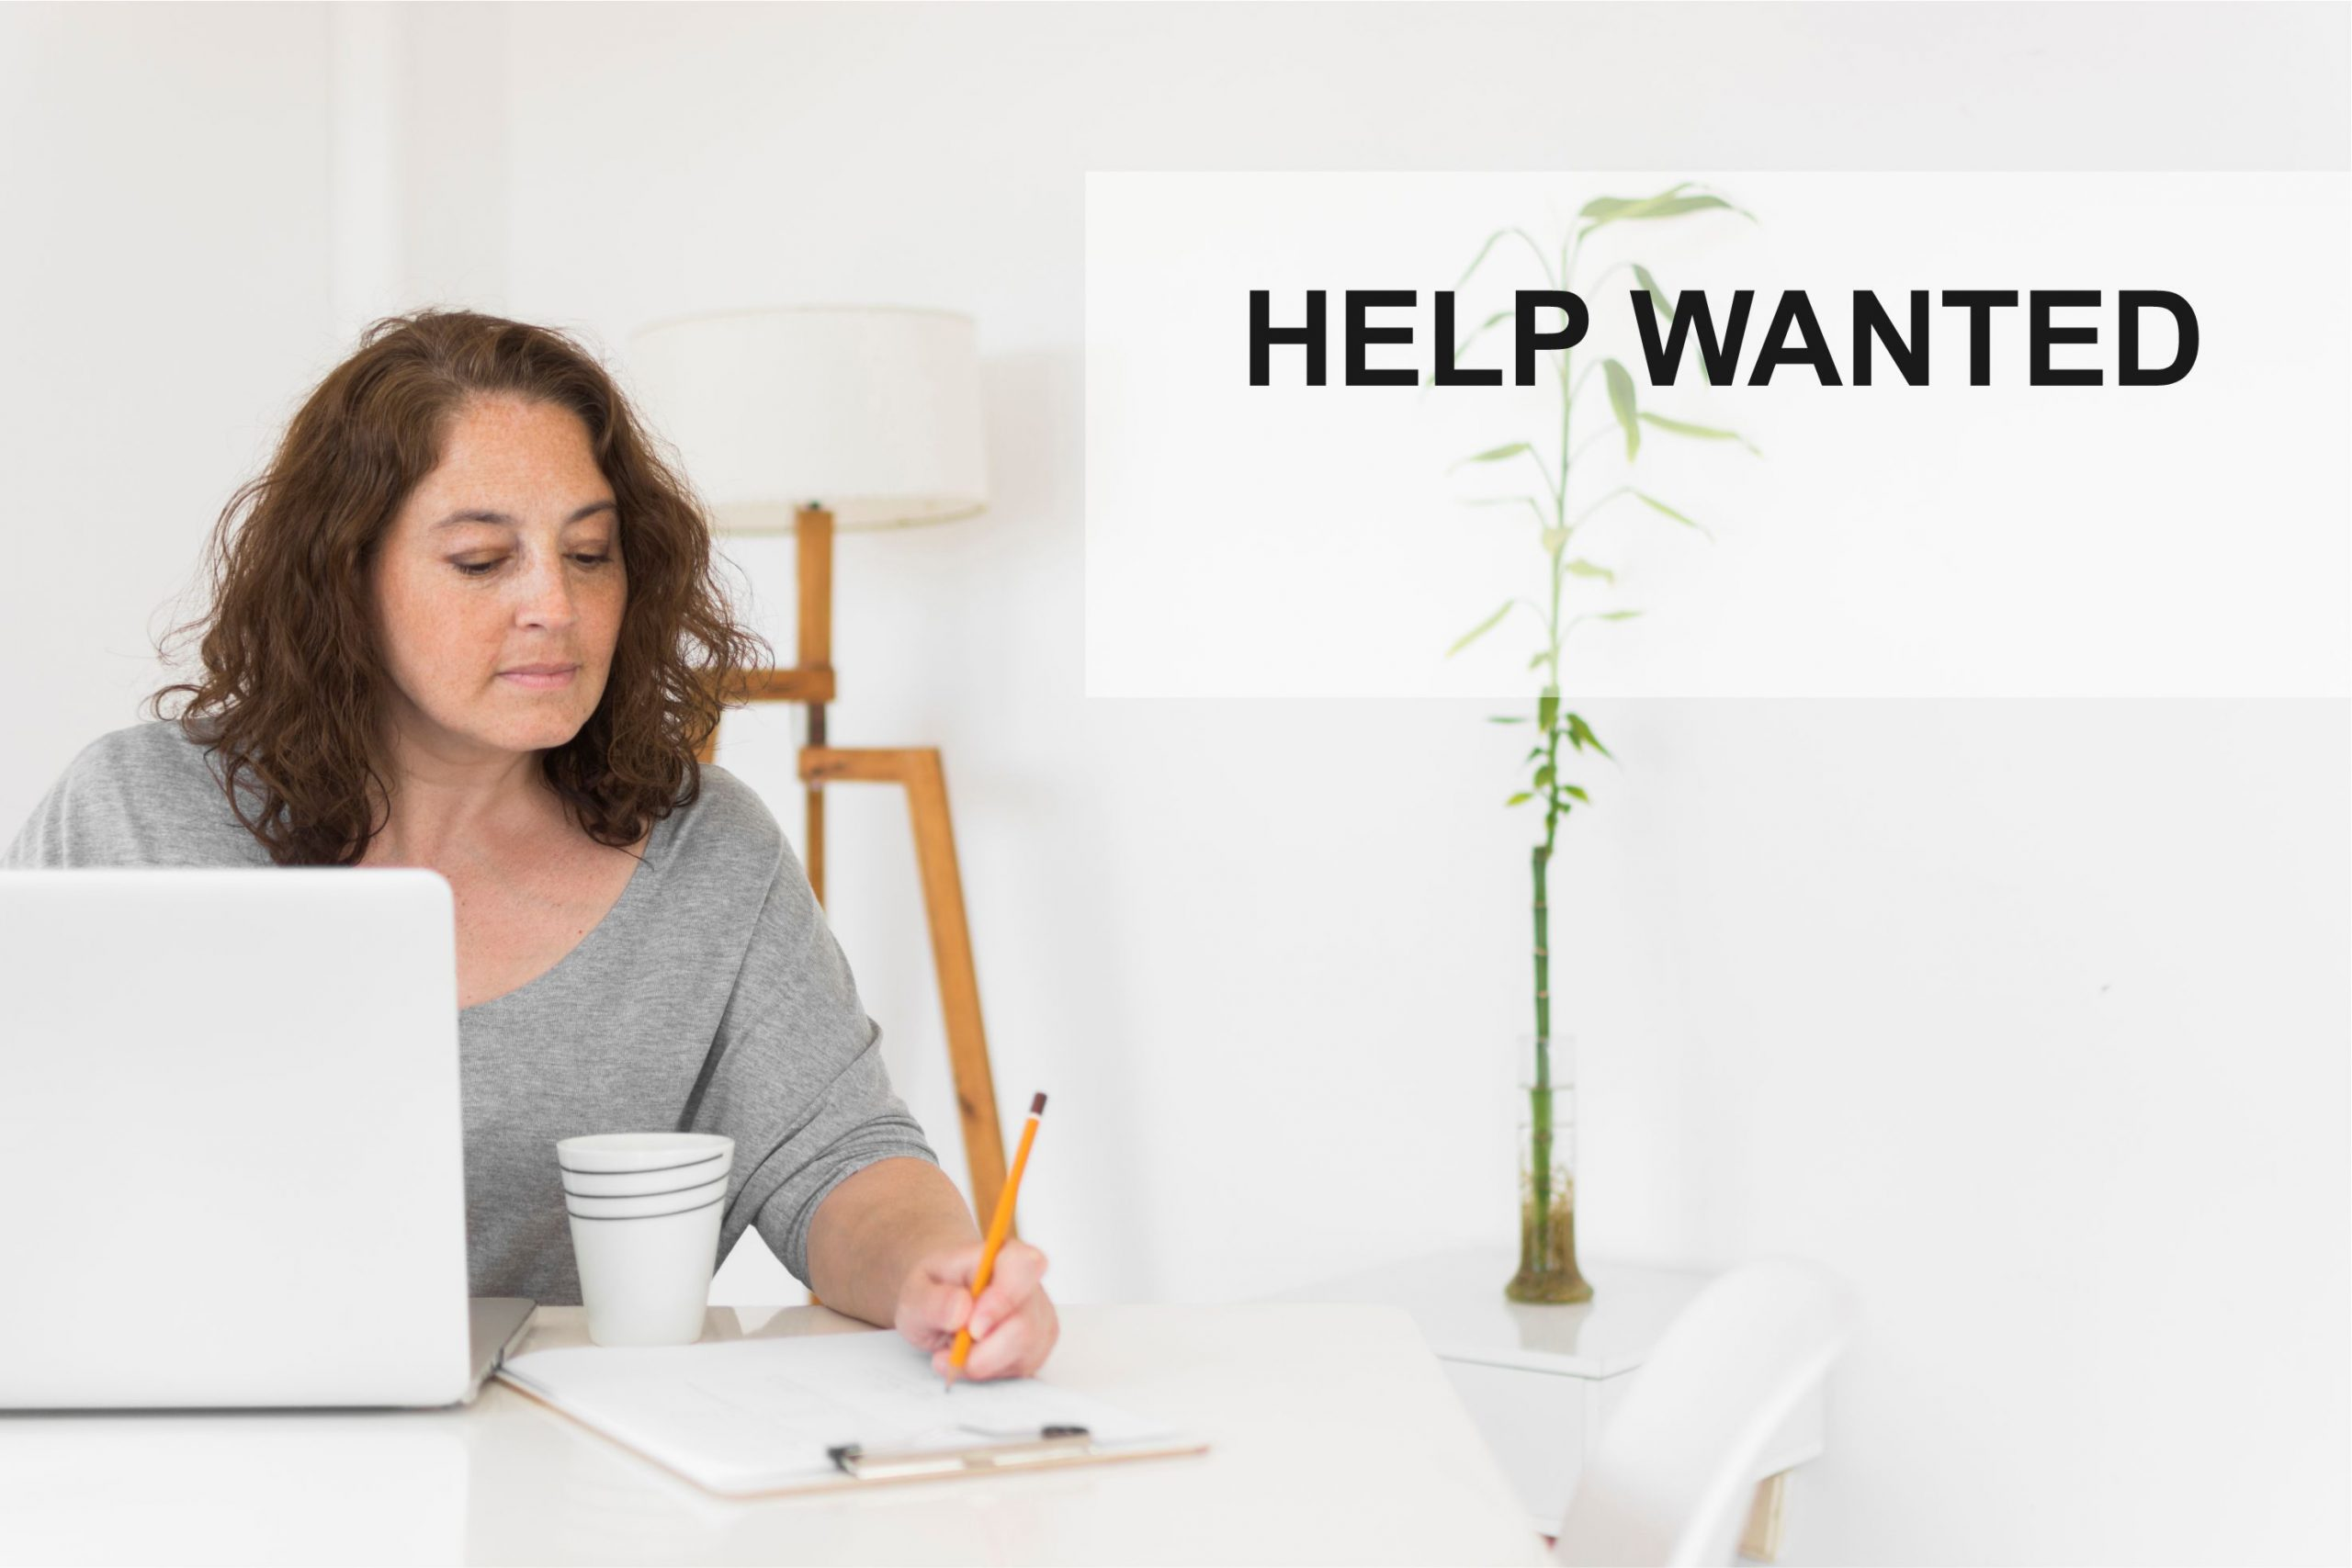 Help Wanted MakingFriends